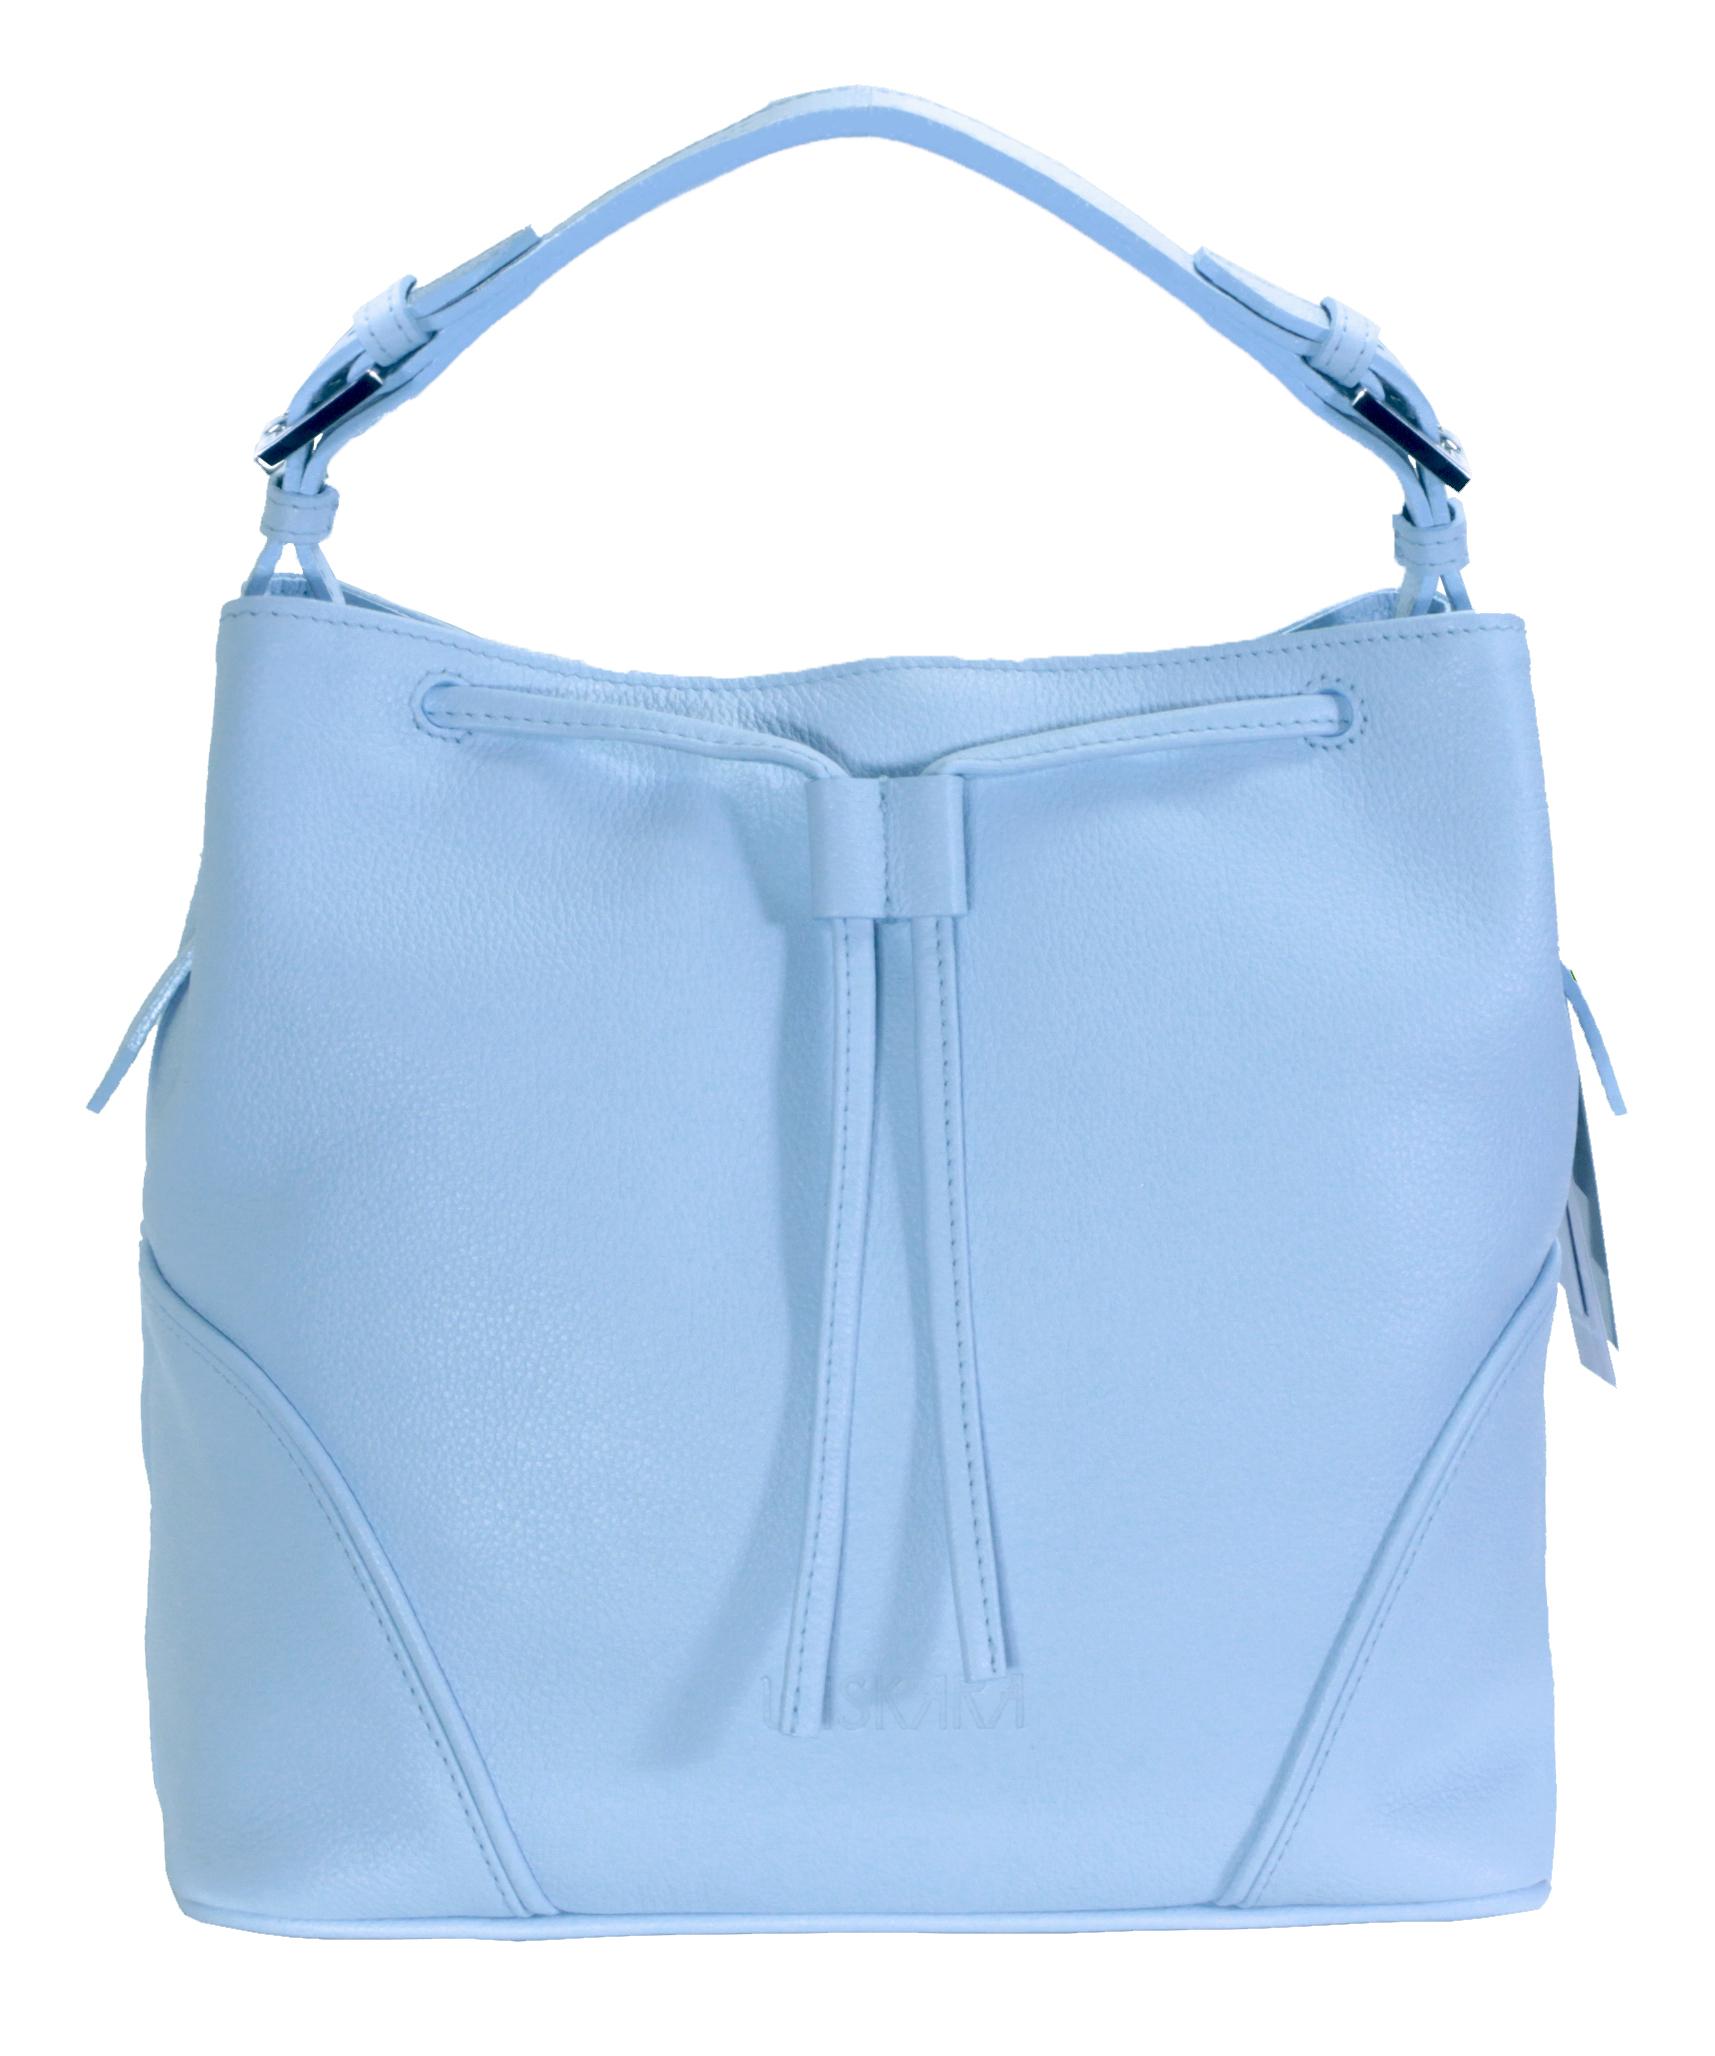 Blankytně modrá kožená kabelka se zajímavým detailem 11-DS263-sky-blue